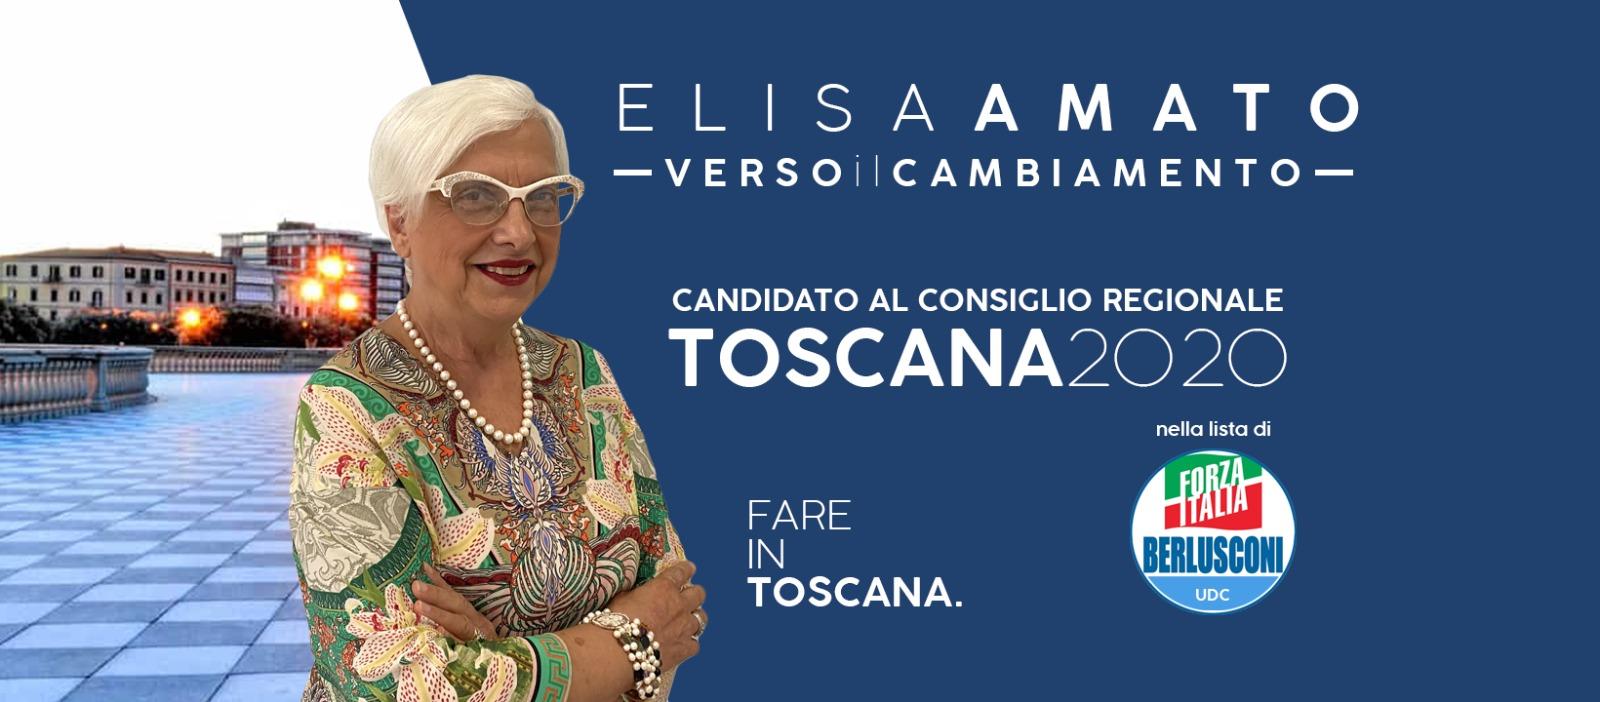 Elisa Amato